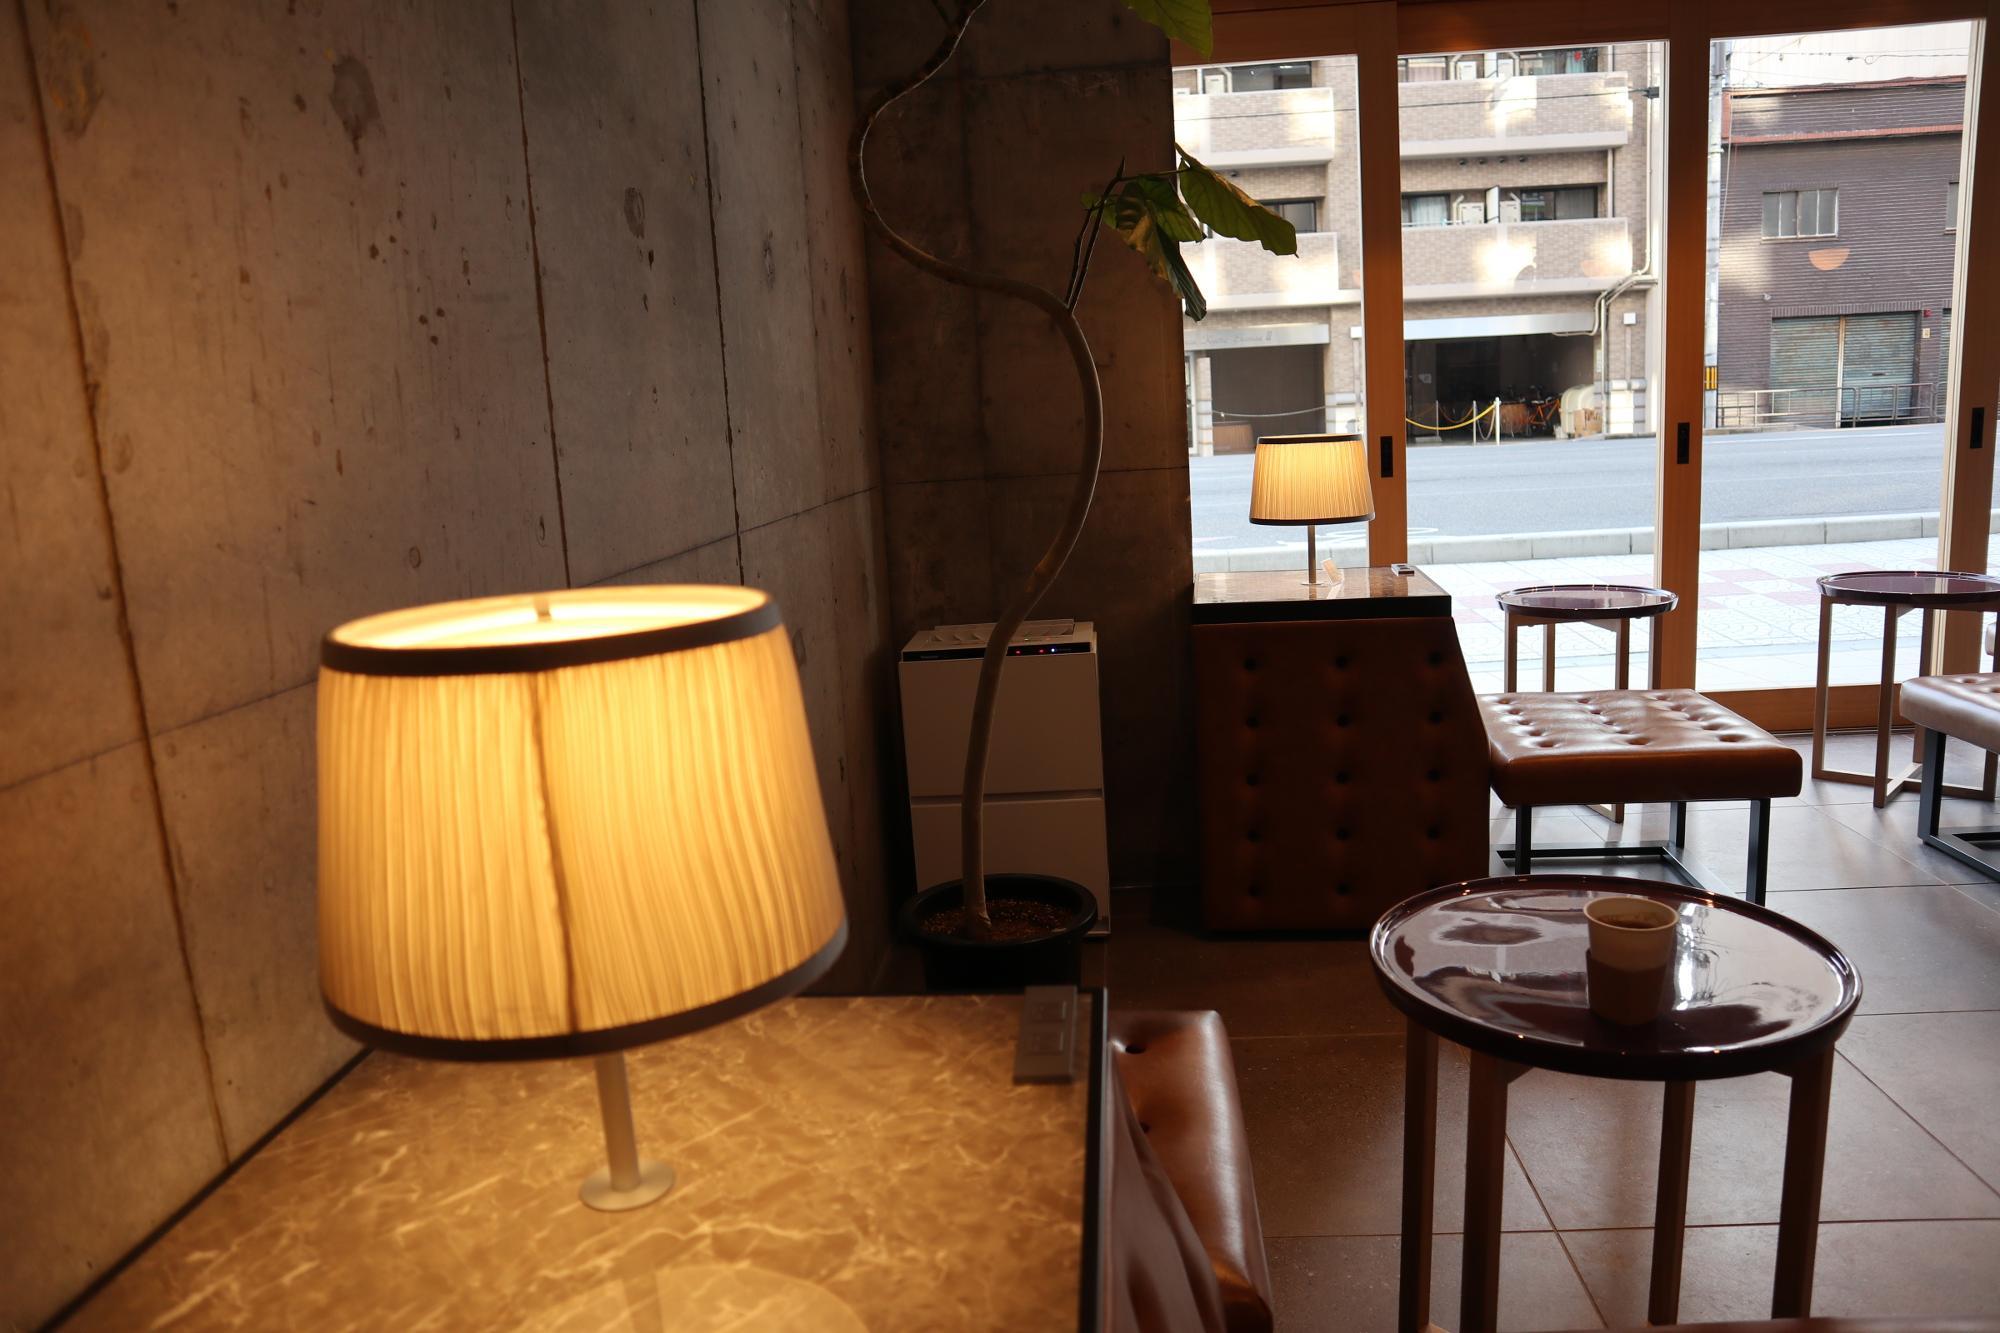 古いような新しいようなソファもランプも落ち着きます